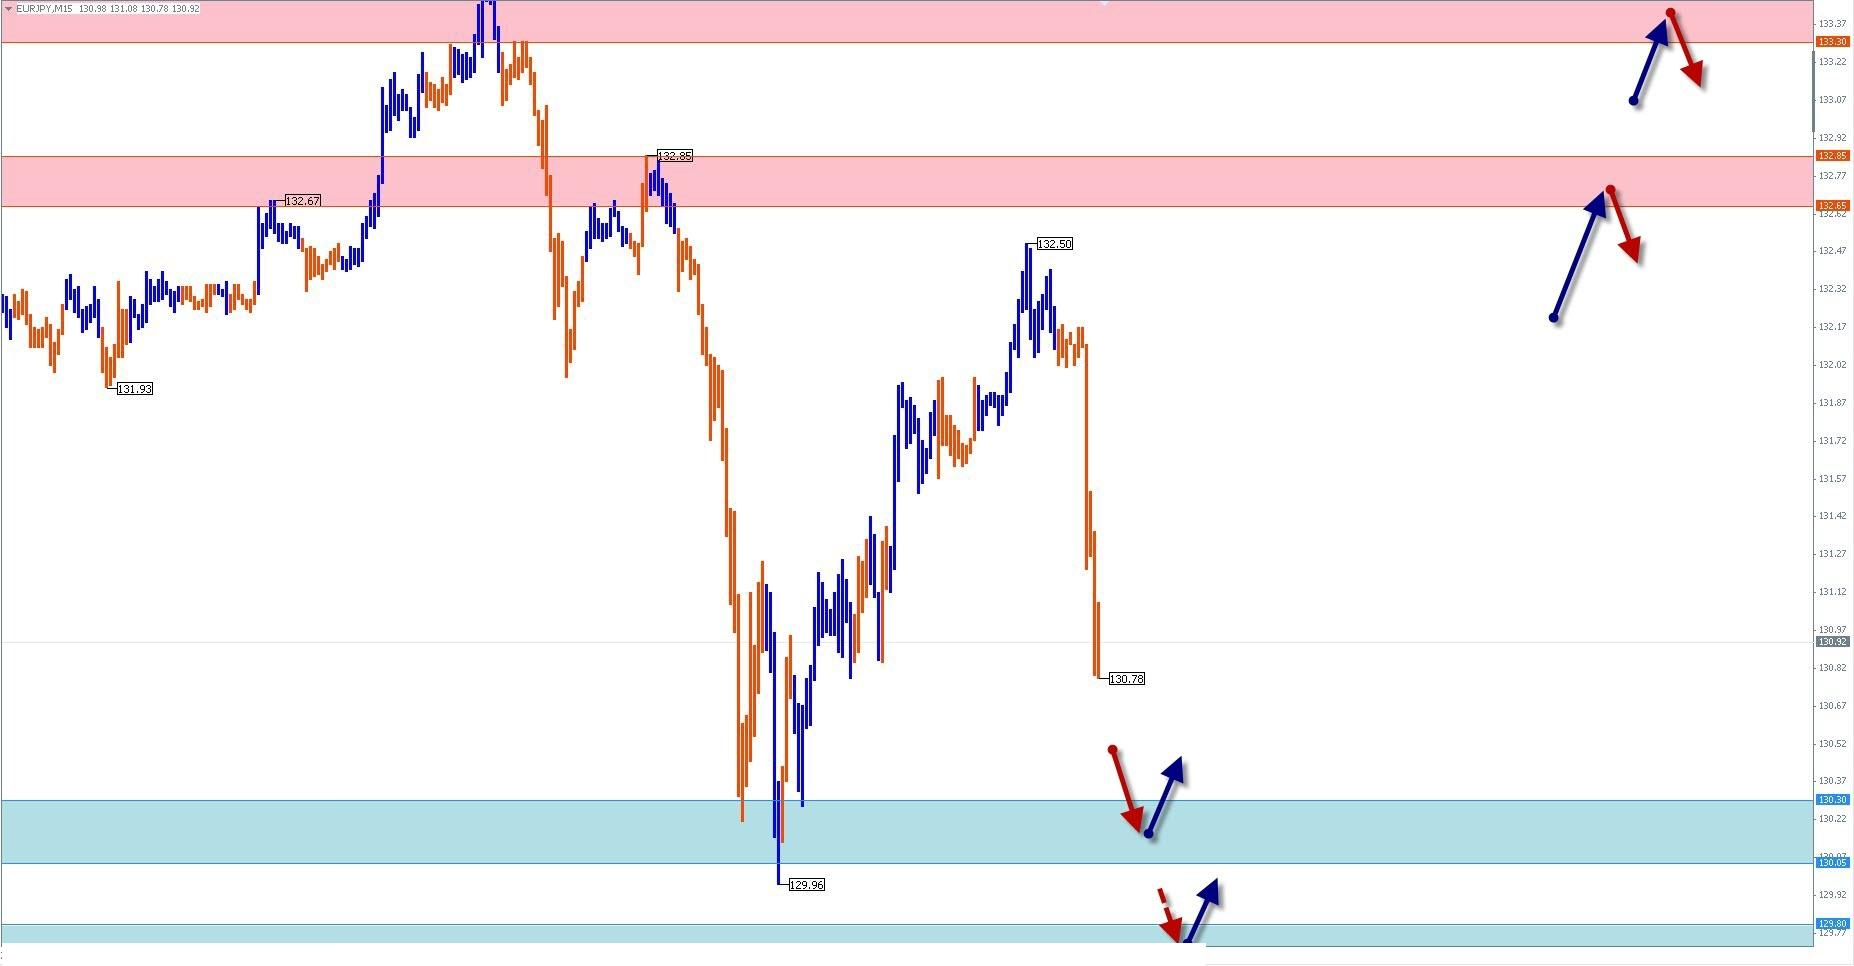 Обзор и прогноз по EUR/JPY на 24.05.13 г.